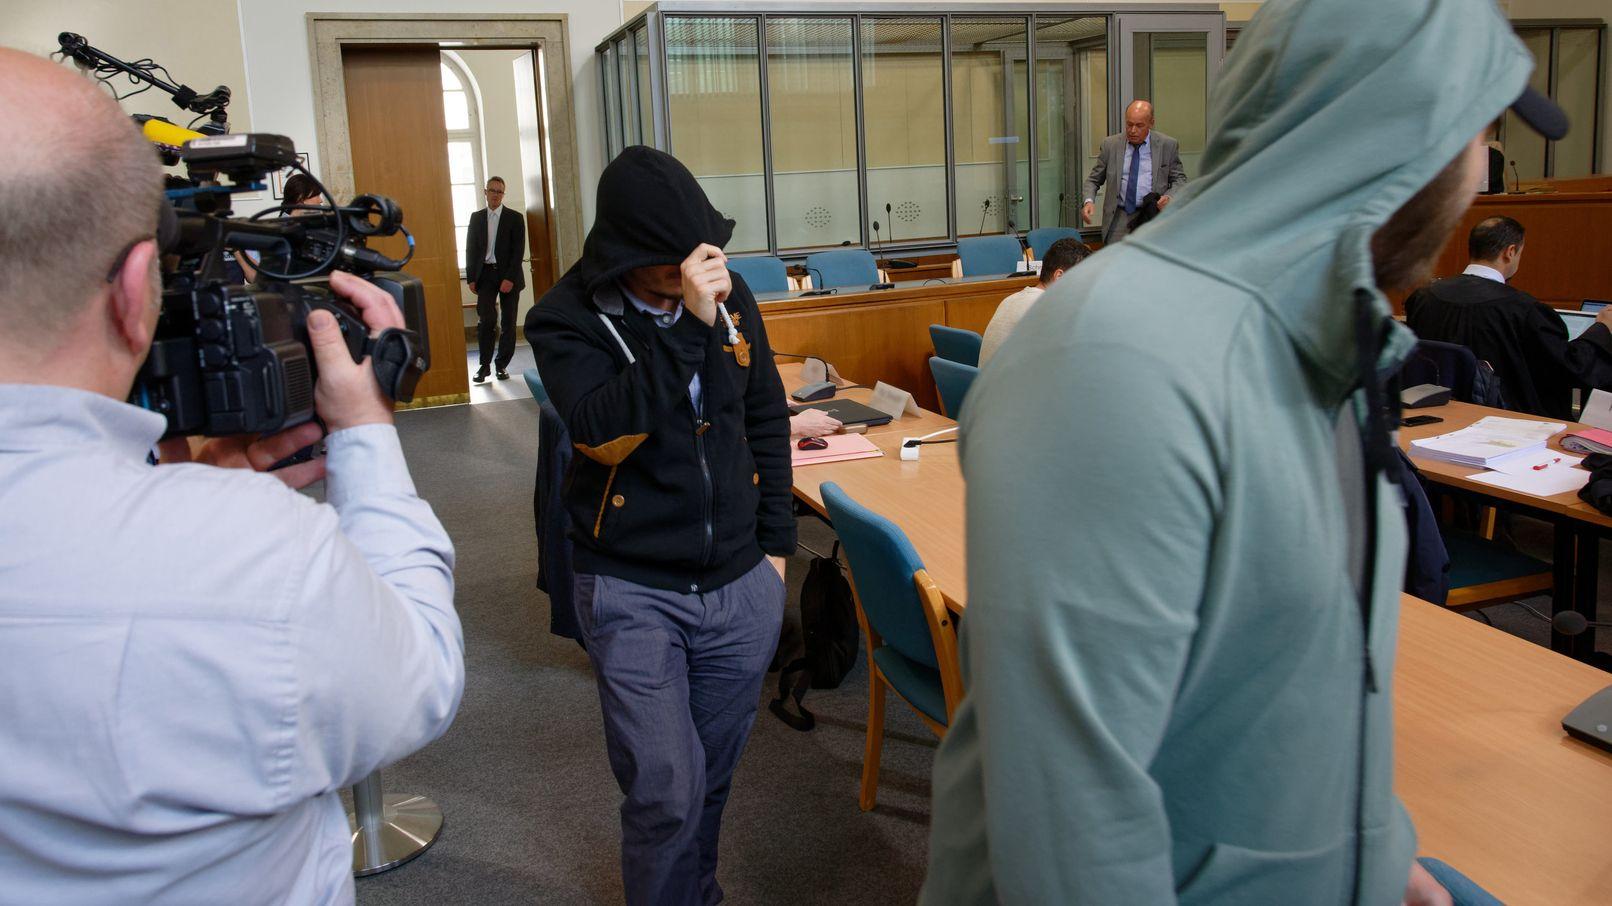 """Angeklagte kommen beim Prozess um die sogenannte """"Scharia-Polizei"""" in einen Gerichtssaal des Landgerichts."""